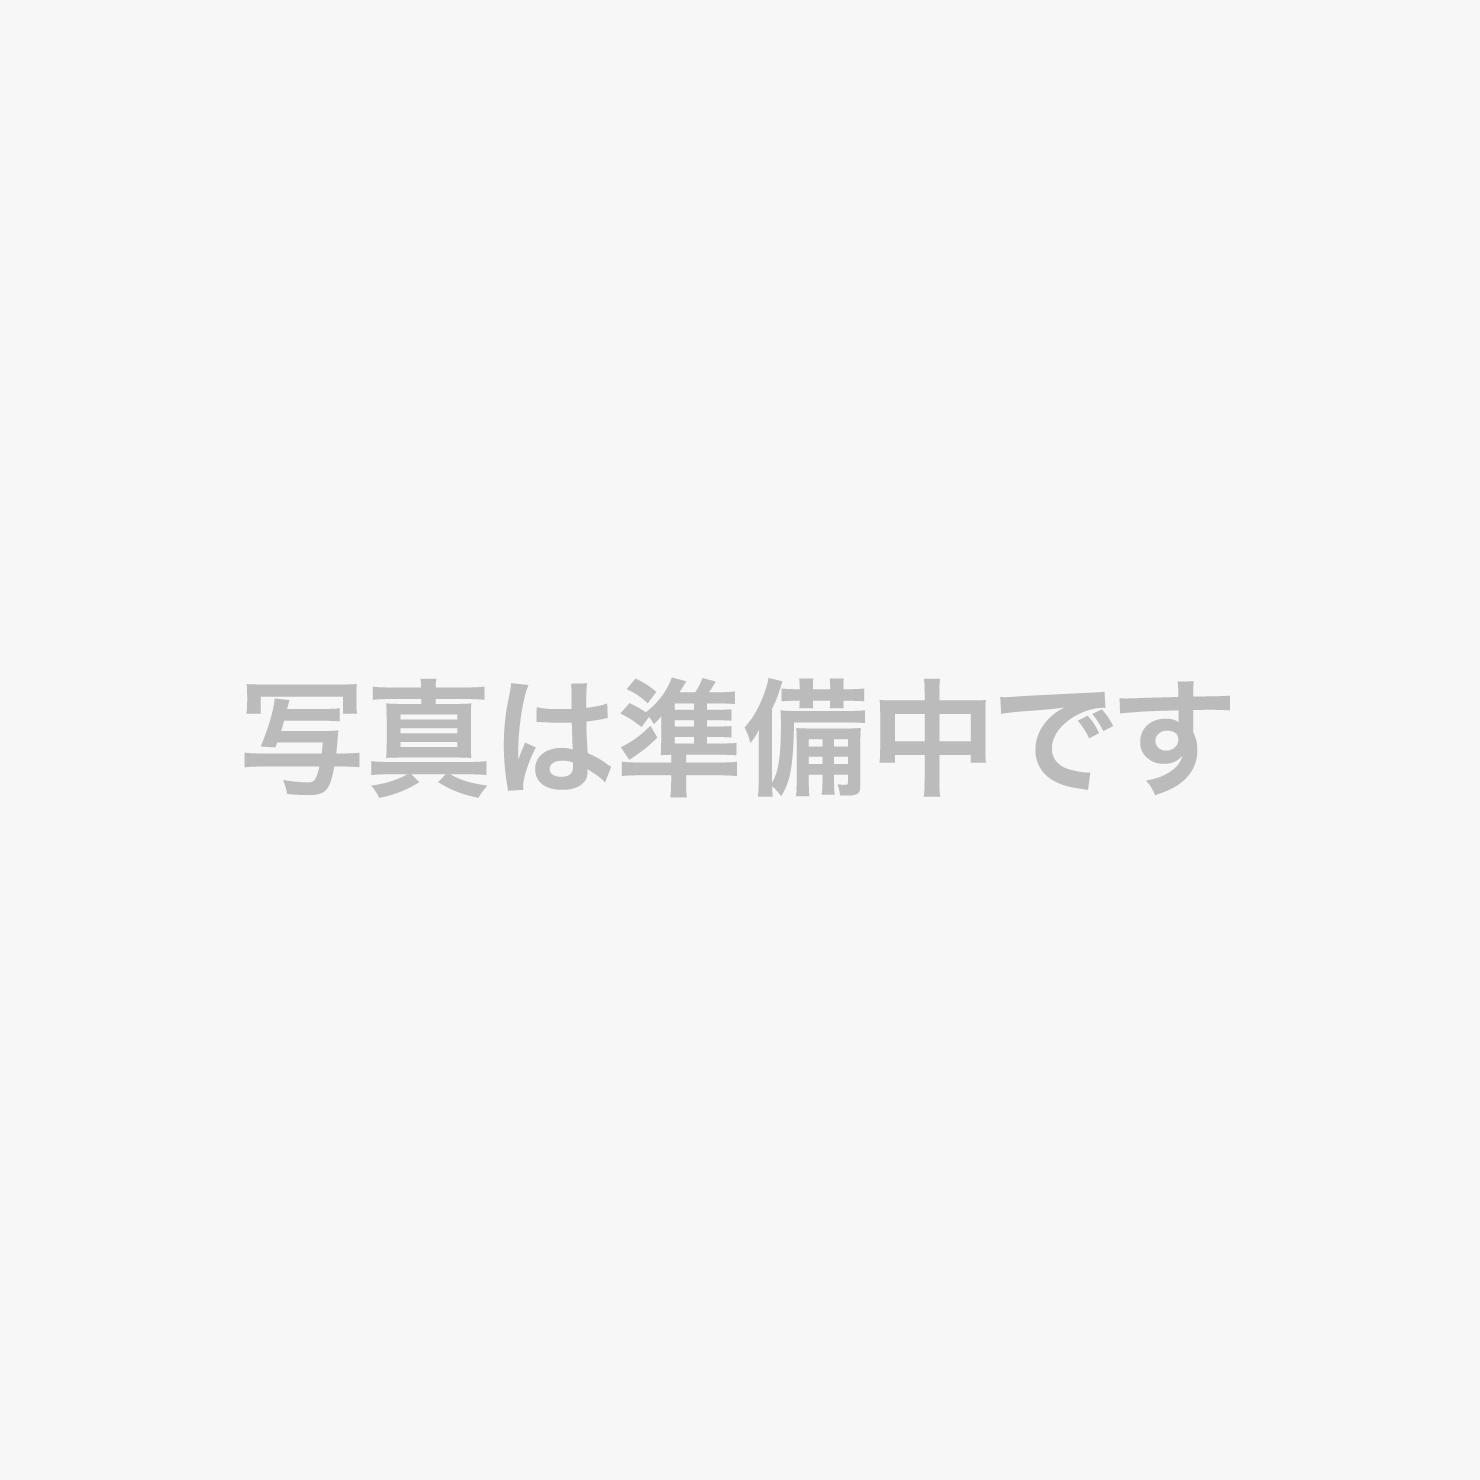 レンタルパソコン(先着順)1泊1.000円。貸し出し時に身分証明書のコピー必要。